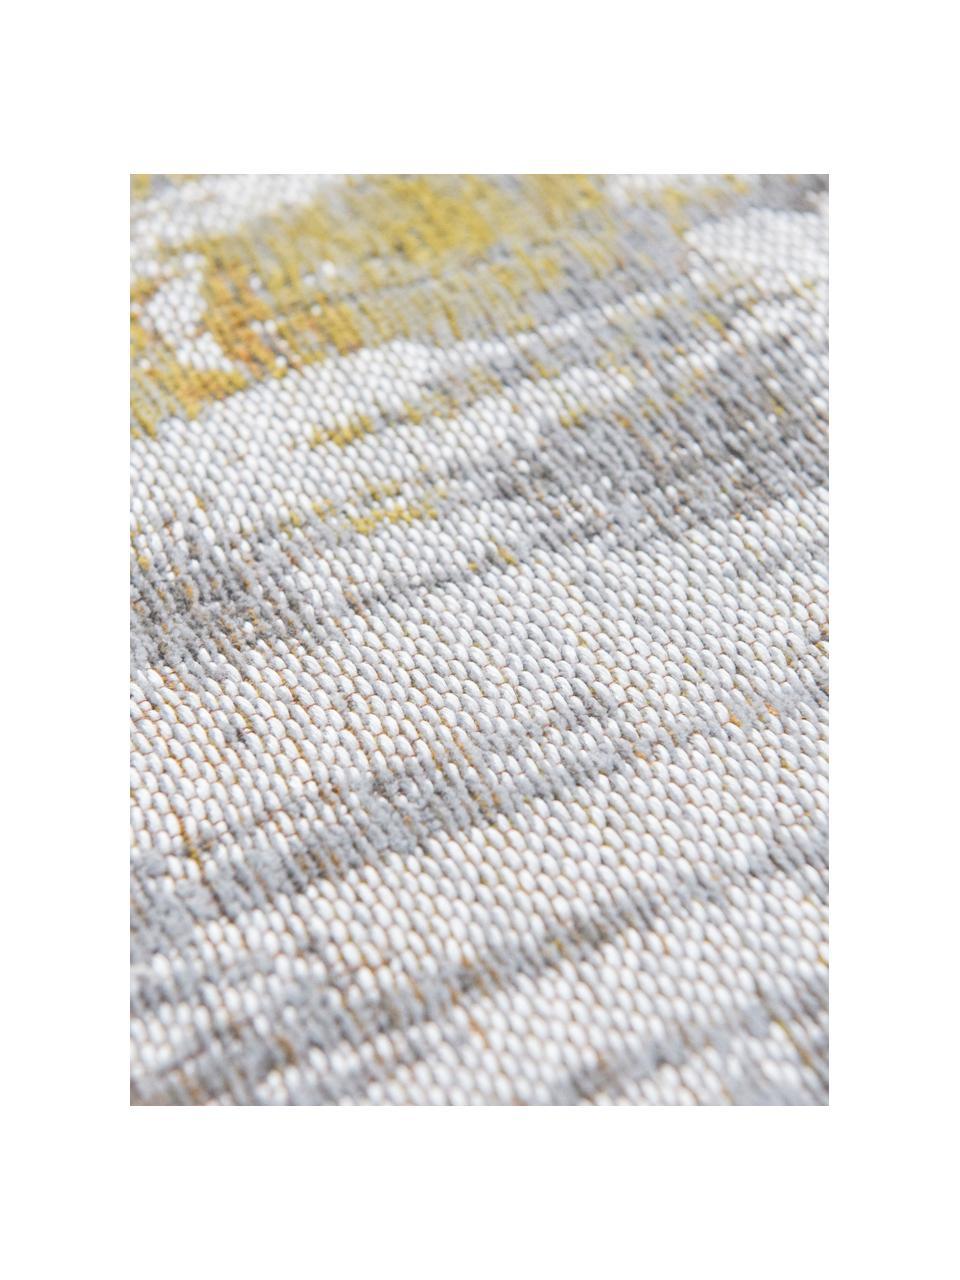 Designteppich Streaks in Grau/Gelb, Flor: 85%Baumwolle, 15%hochgl, Webart: Jacquard, Gelb, Grau, Weiß, B 140 x L 200 cm (Größe S)